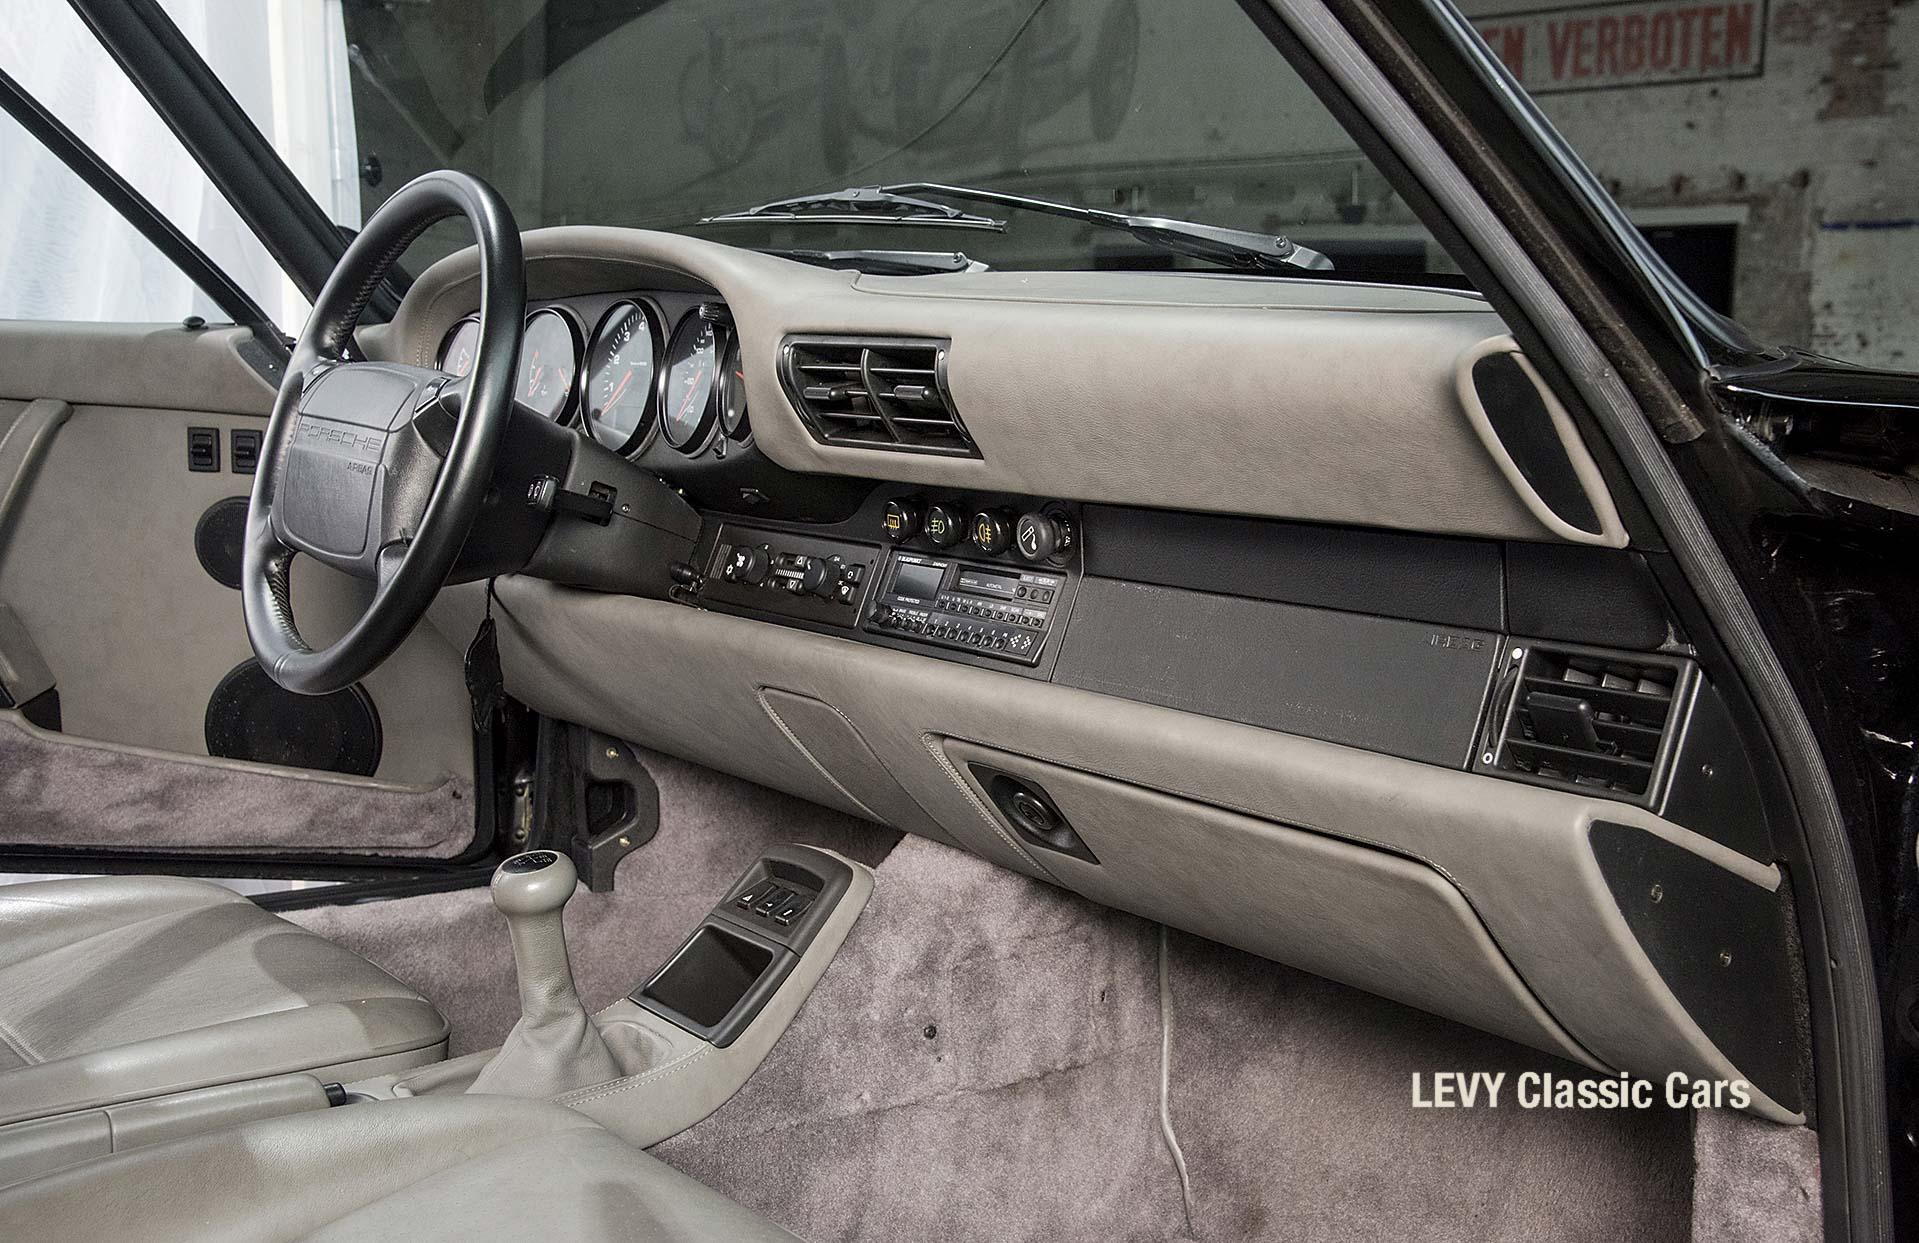 Porsche Turbo 72200 schwarz 04